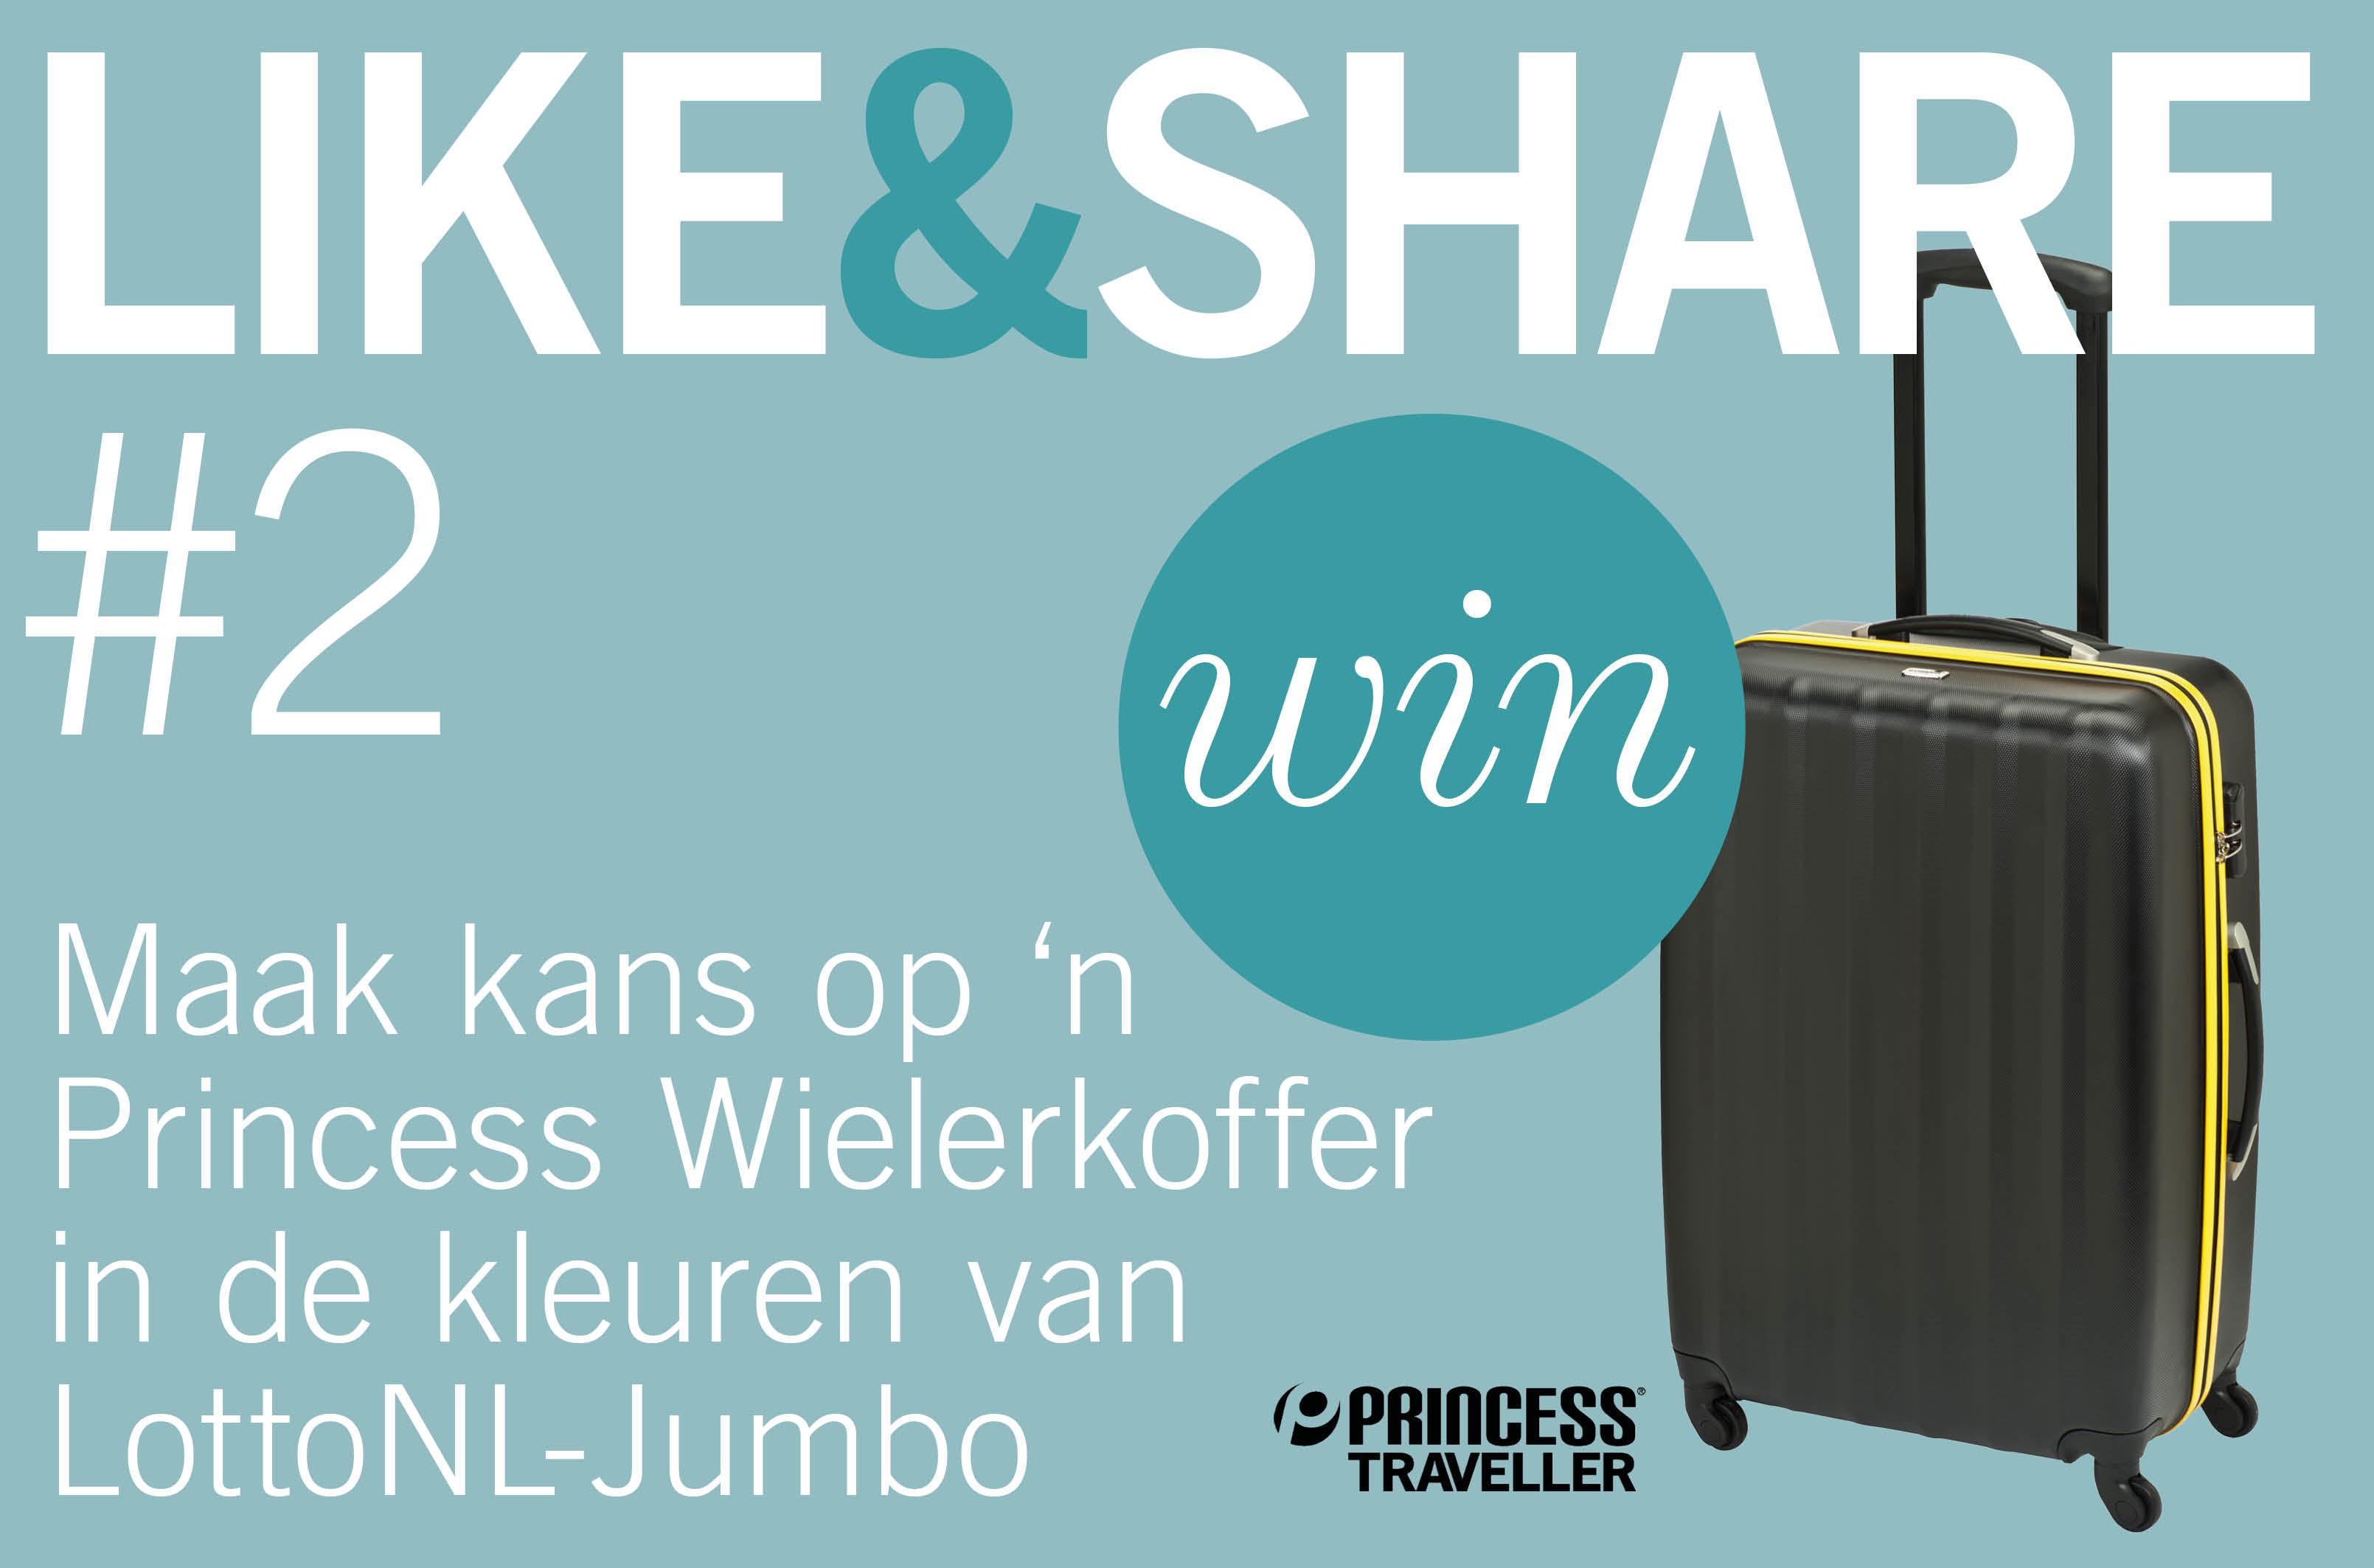 Maak kans op een Princess Wielerkoffer in de kleuren van LotteNL-Jumbo